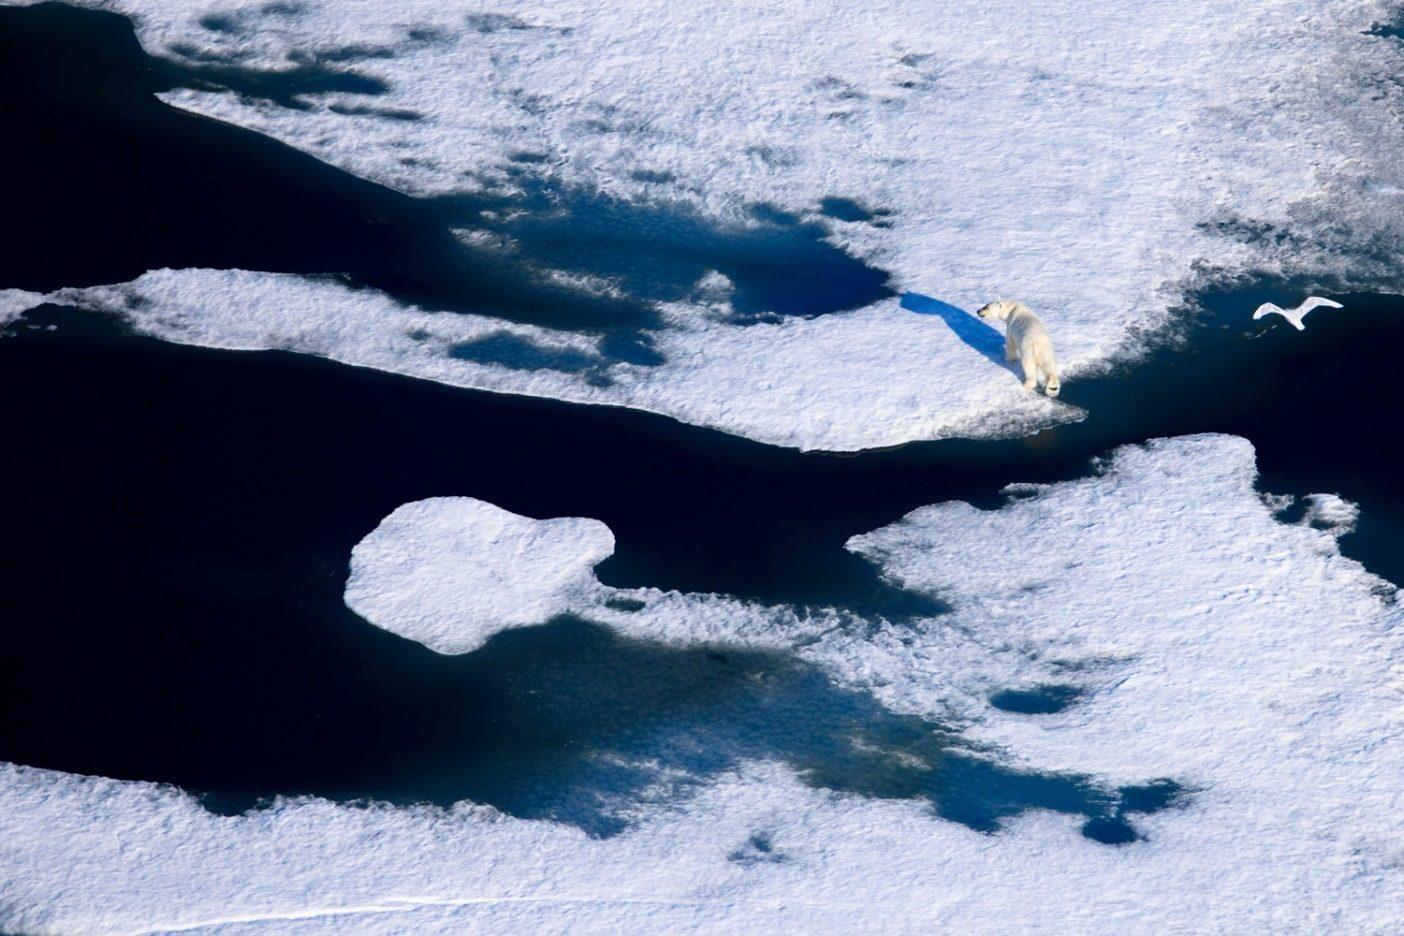 陸地よりもずっと長い時間を海で過ごし、餌と生息地を海に頼るホッキョクグマは、海洋哺乳類とみなされる唯一のクマである。アザラシを探しながらボーフォート海で浮氷塊をうまく通り抜けるホッキョクグマ。Photo: Florian Schulz